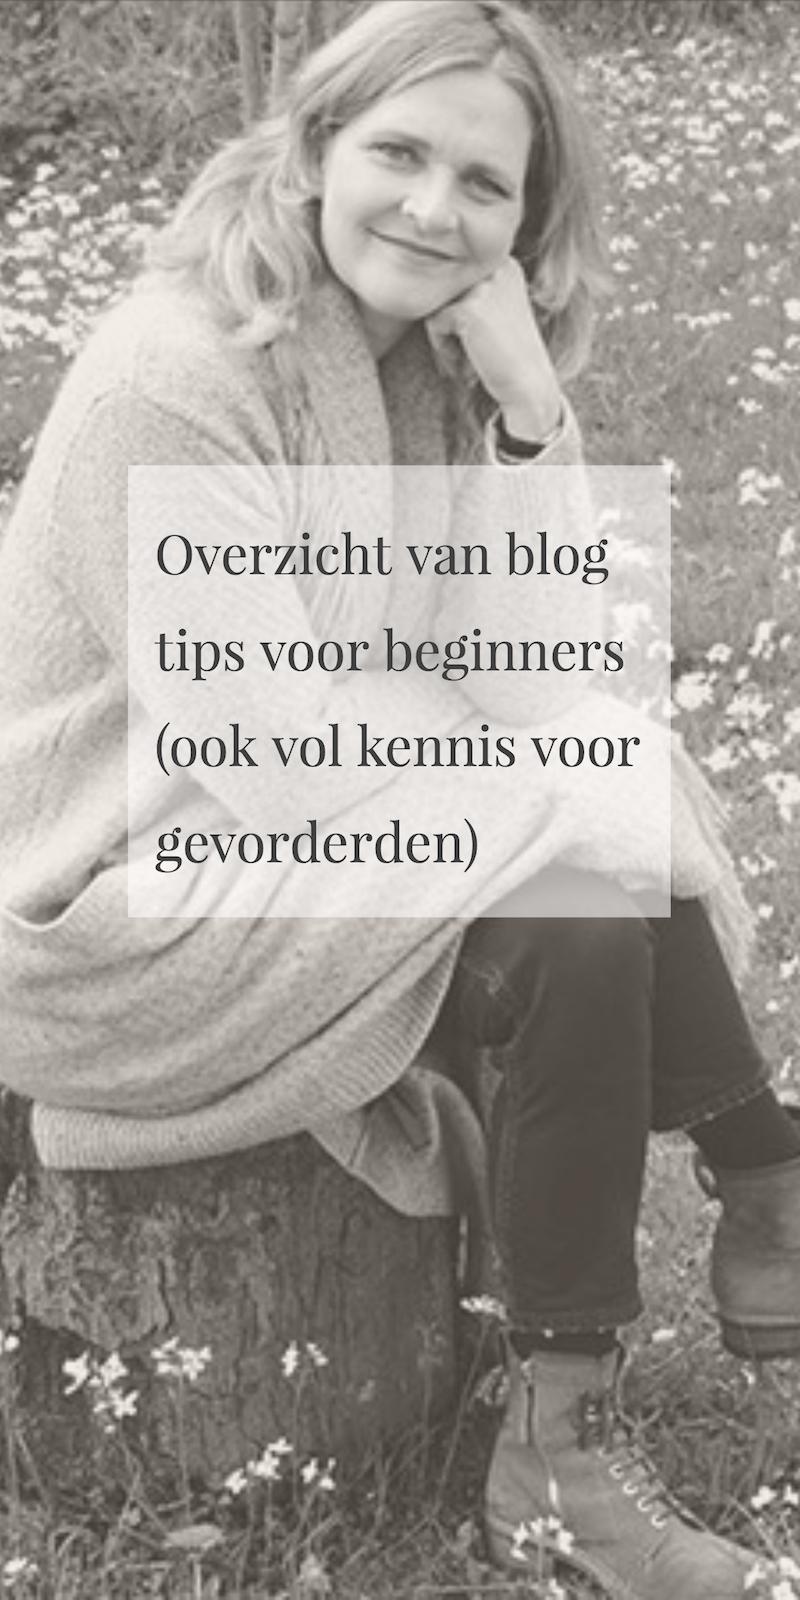 Nederlandse blogtips